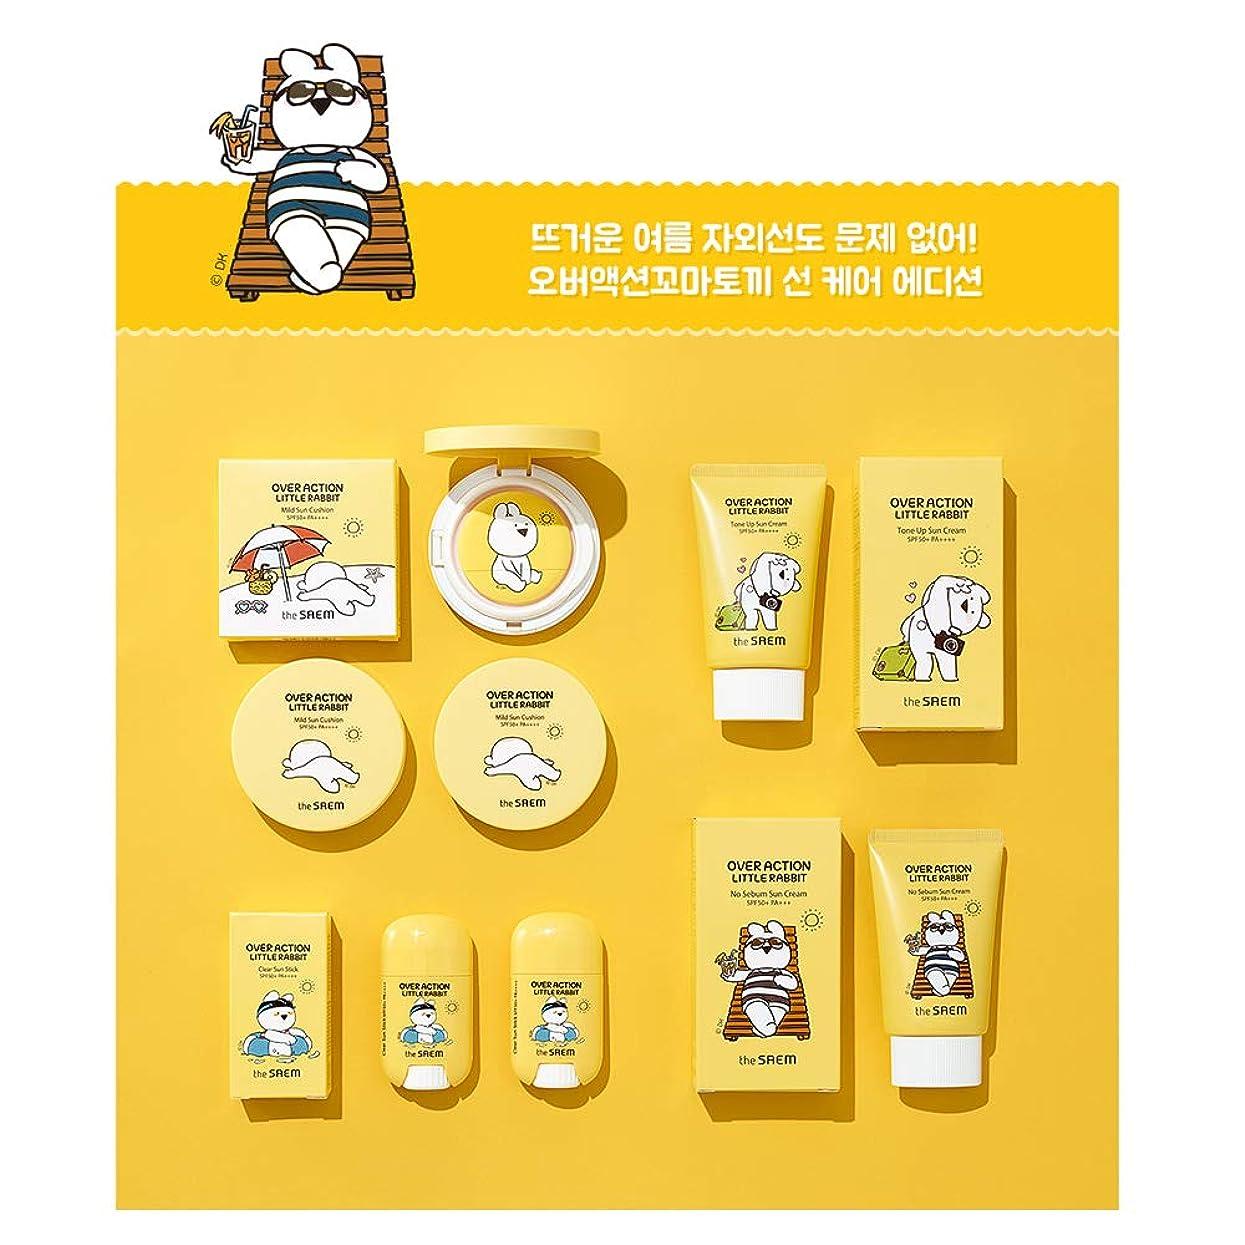 メーターメトリック健康的【The Saem】ザセム エコ アース パワー ノーシバーム サンクリーム/Over Action Little Rabbit Edition No Sebum Sun Cream